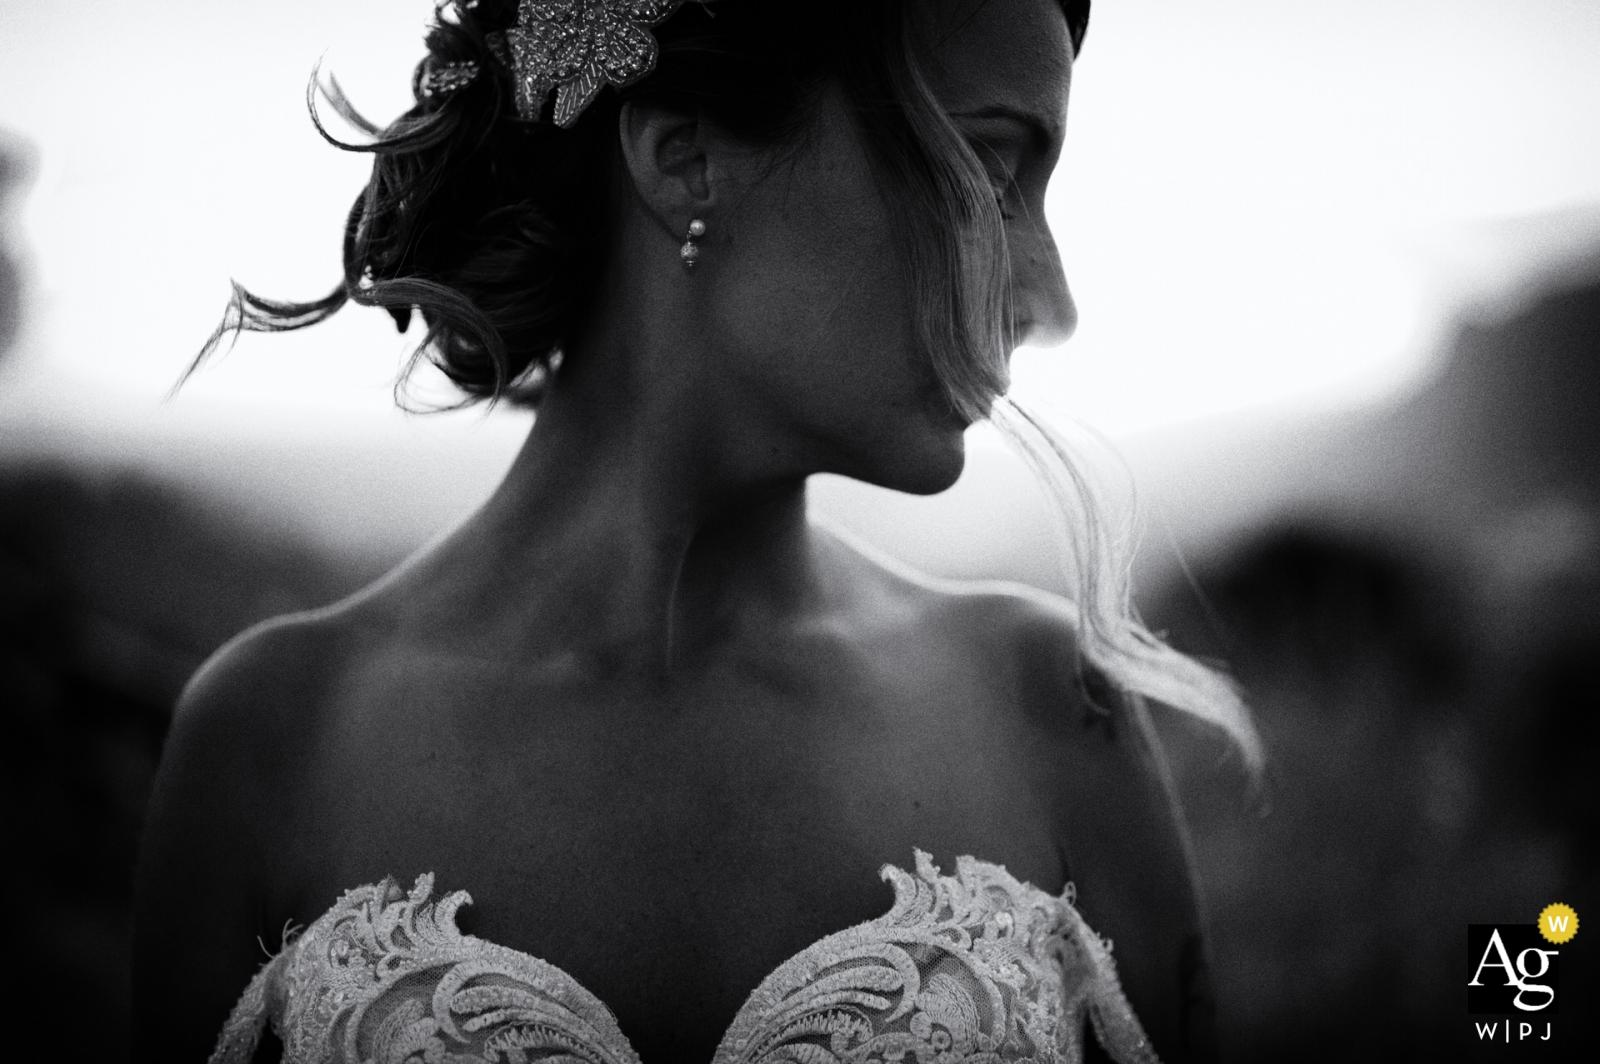 Terracina Włochy dnia ślubu portret panna młoda w dniu ślubu